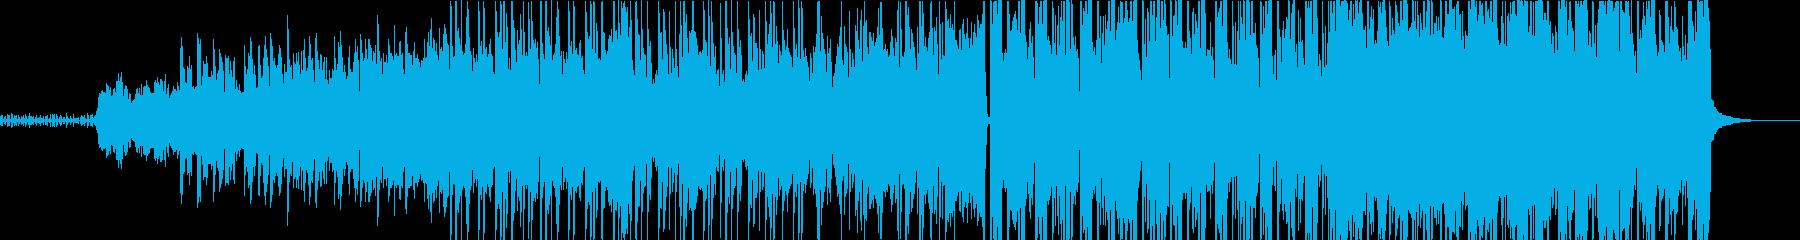 自然が合うサックス チル・ヒップホップの再生済みの波形